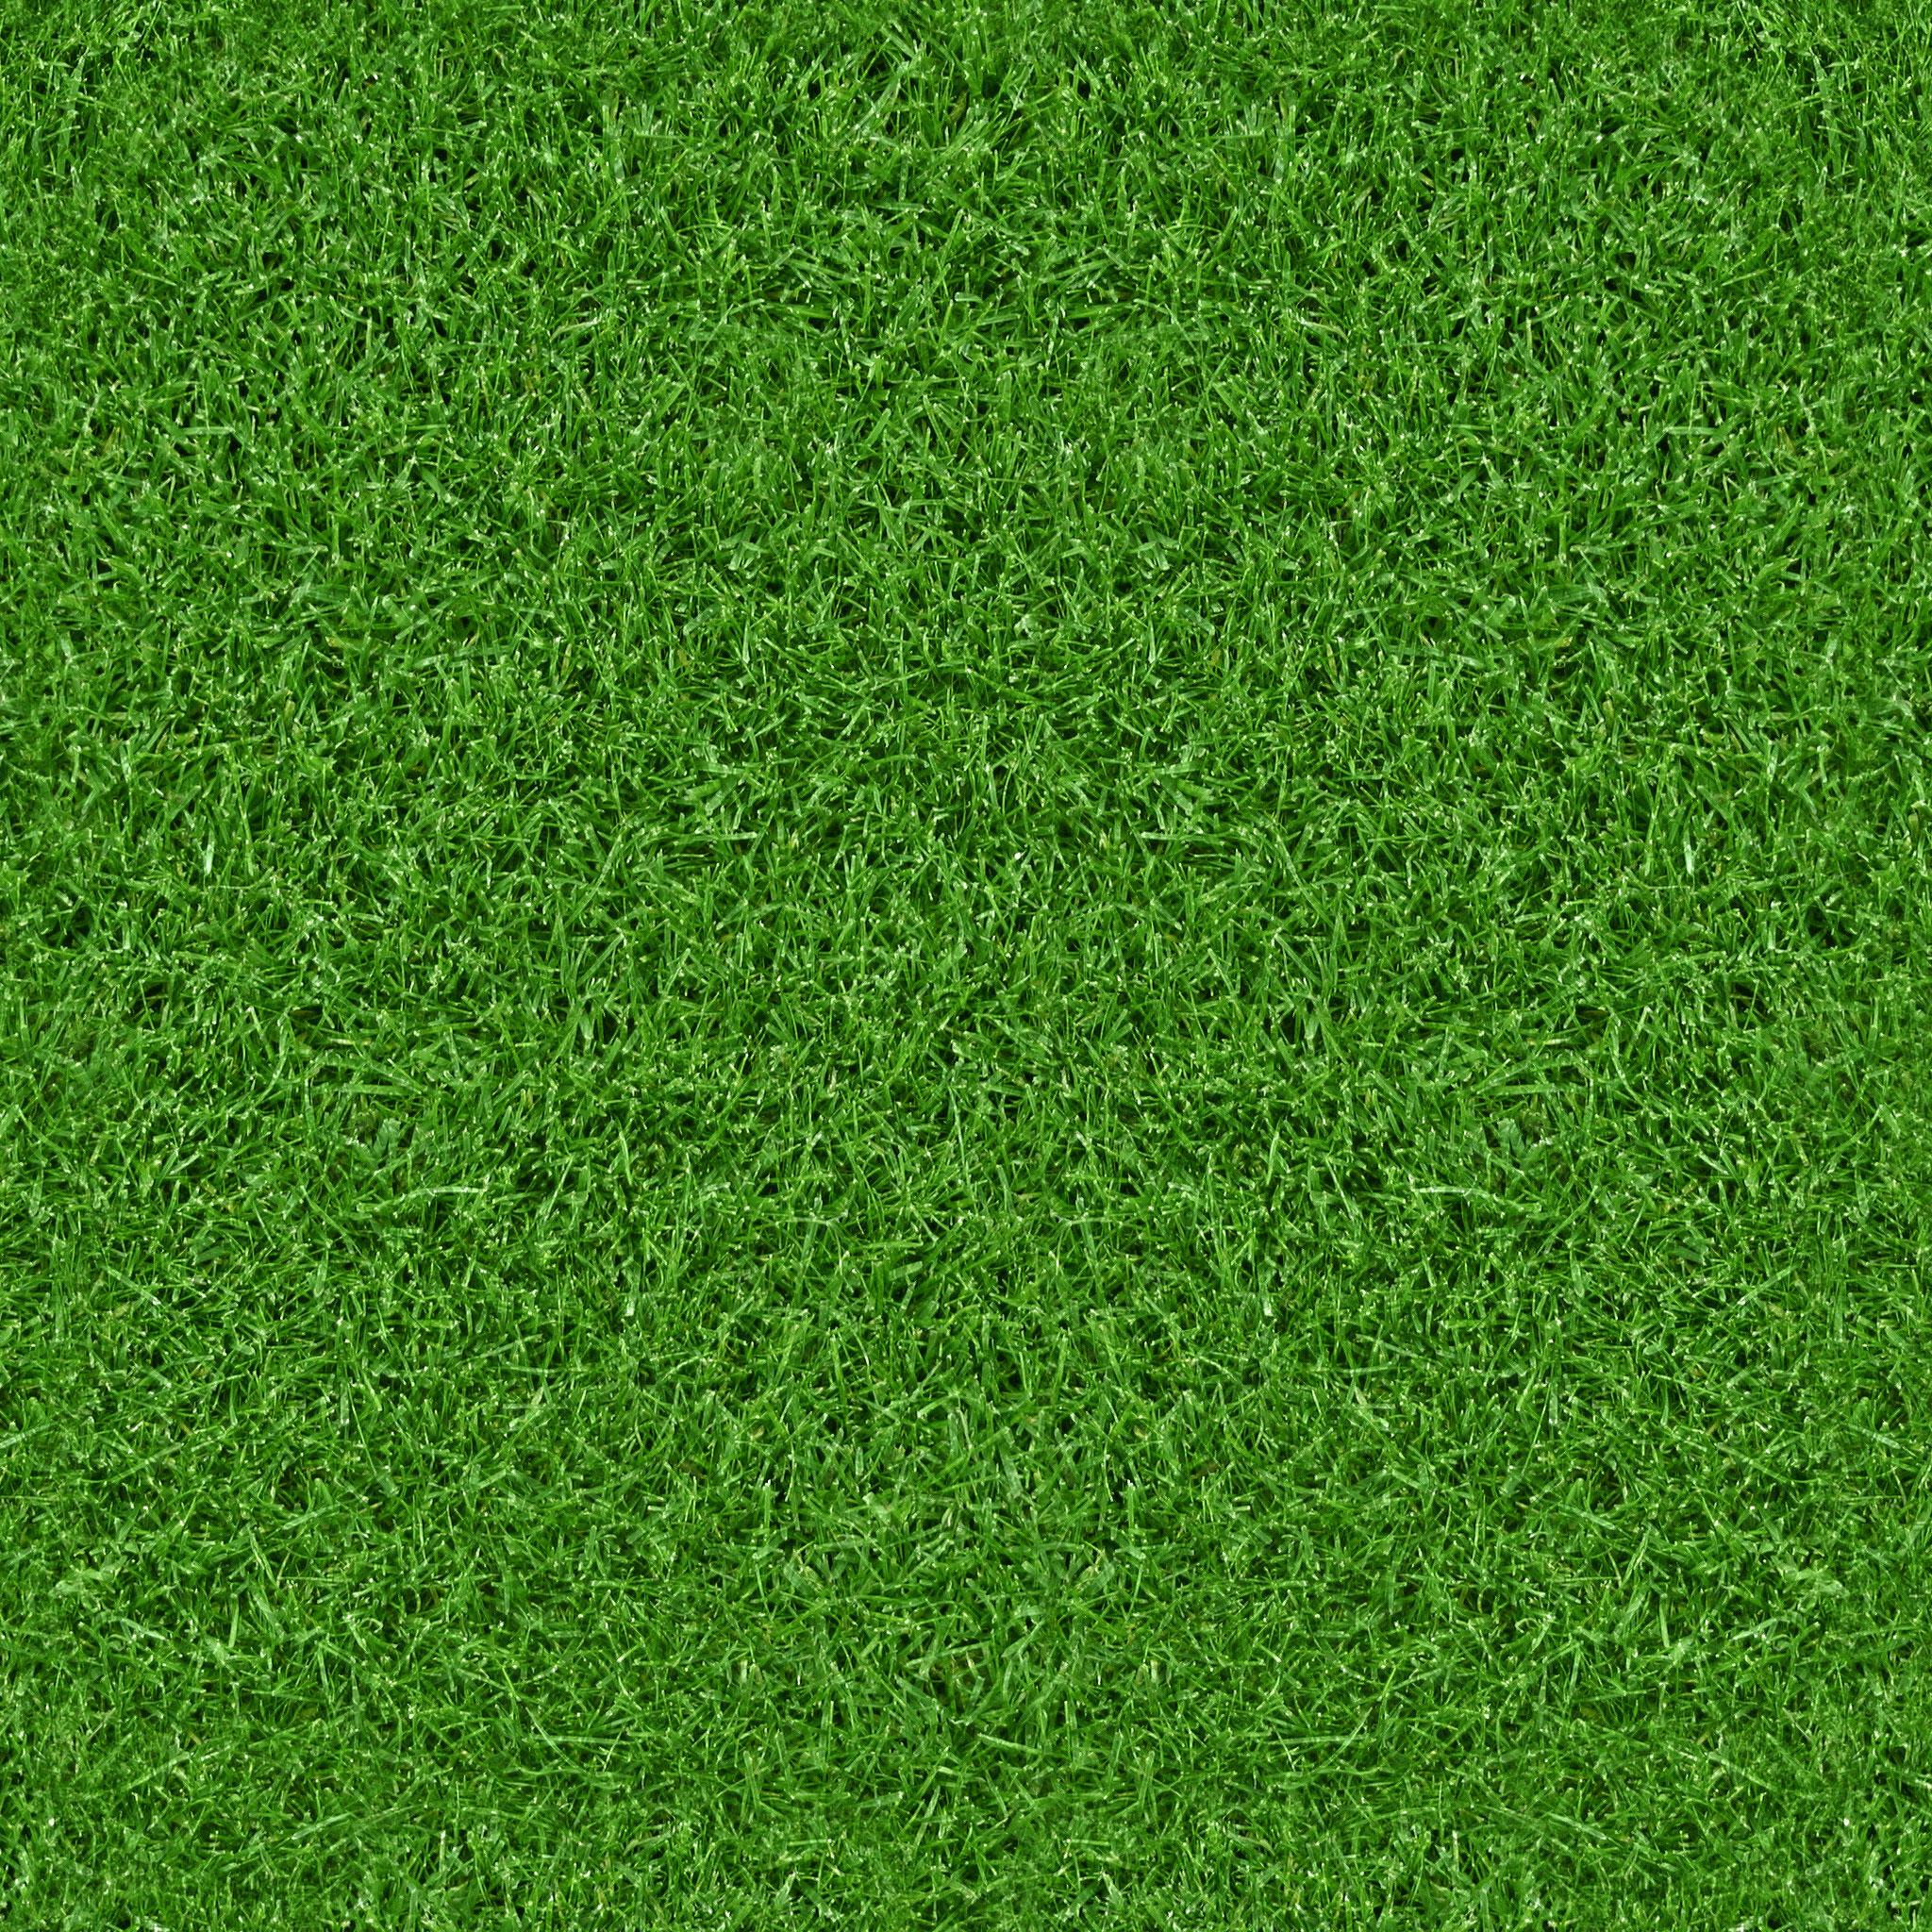 Green Grass Texture-Free Textures | All Design Creative